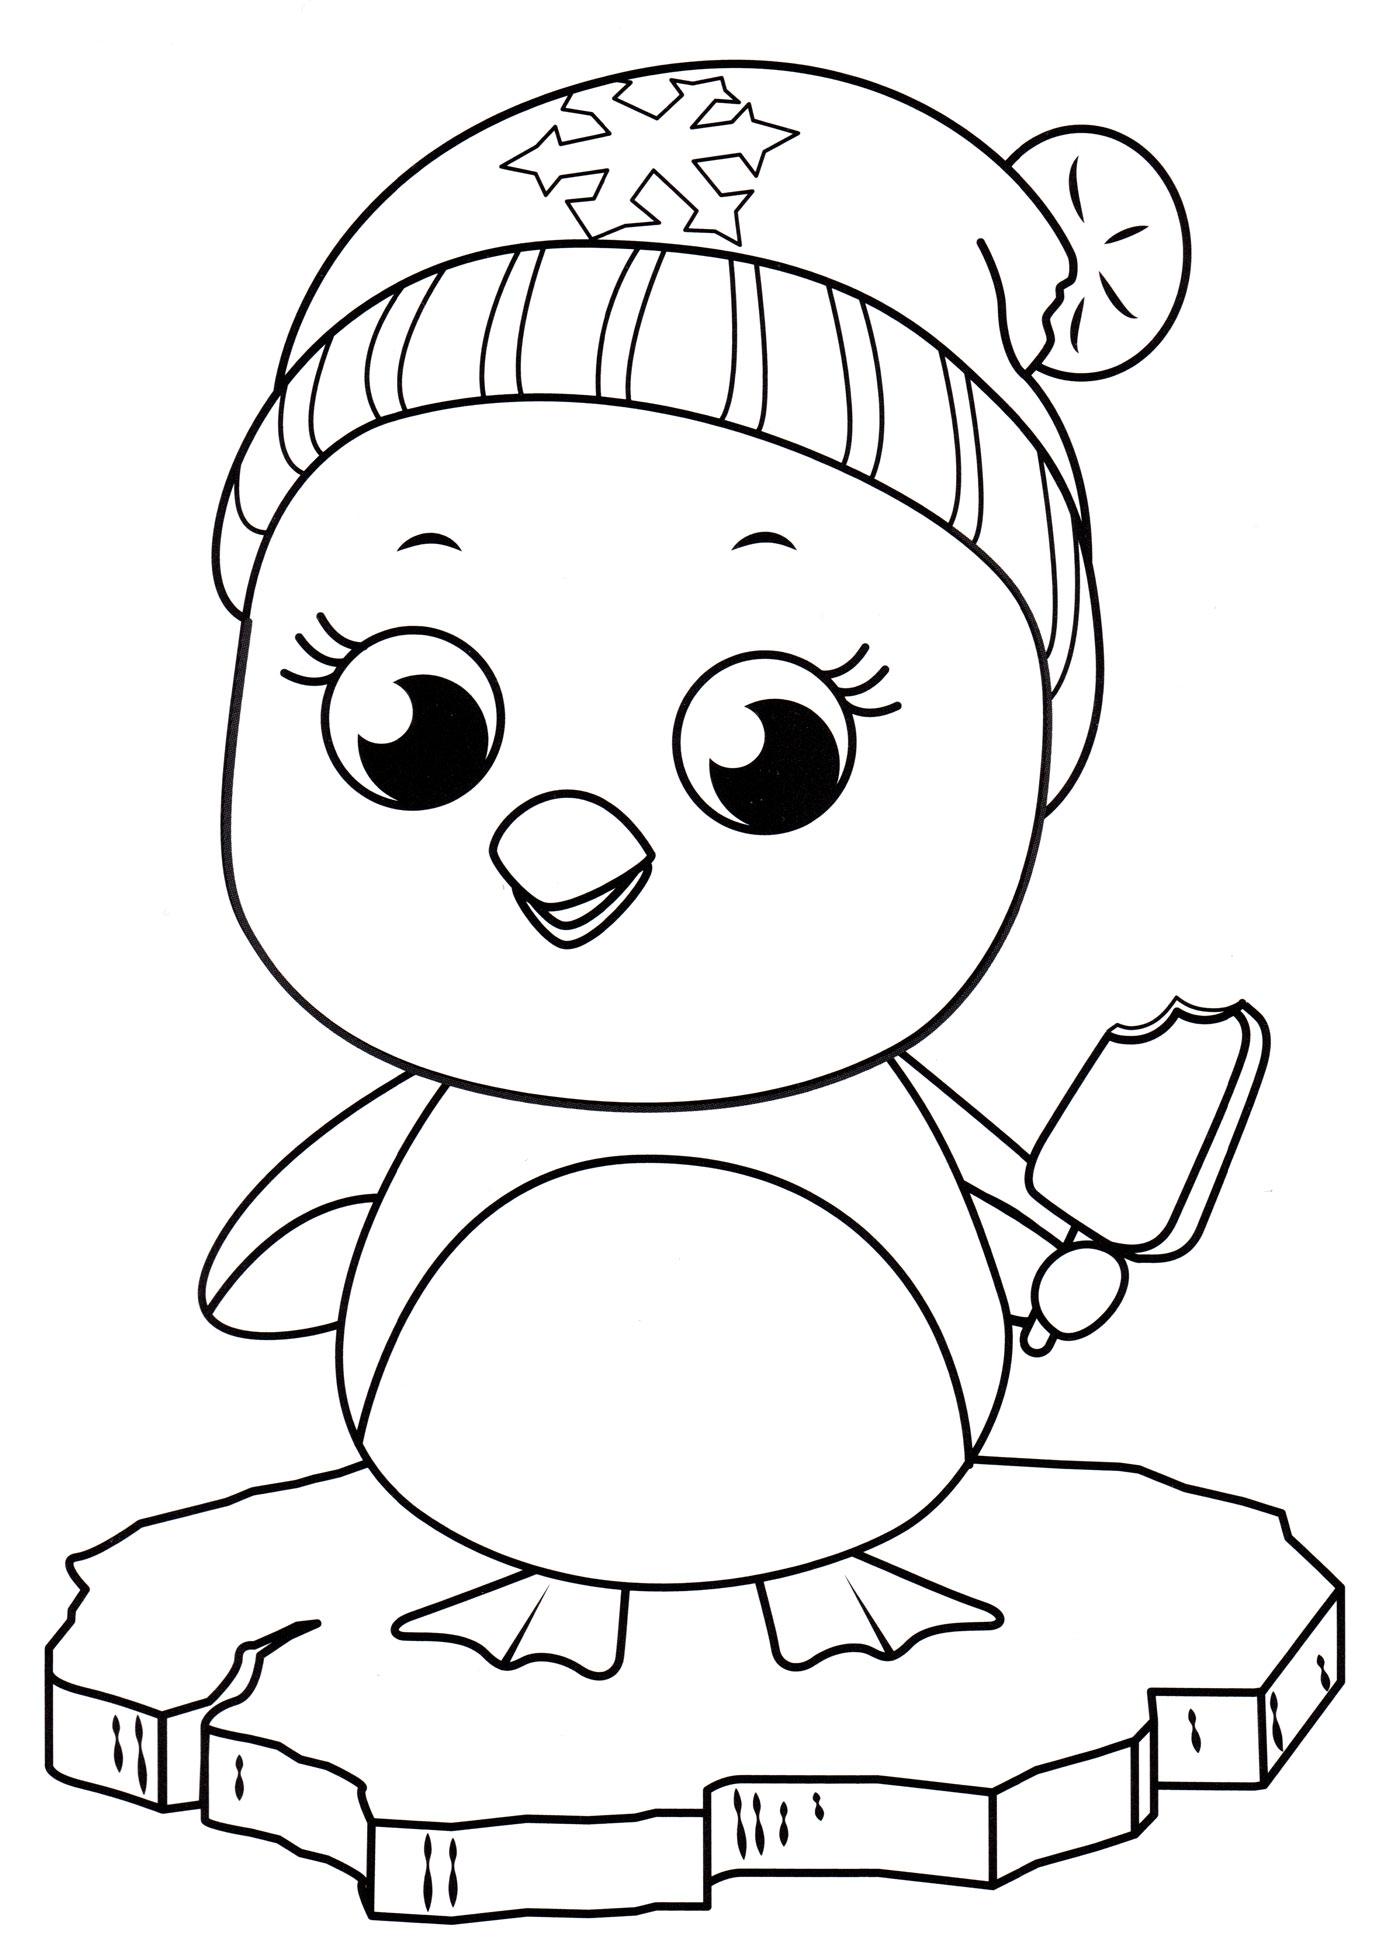 Раскраска Пингвин на льдине - распечатать бесплатно